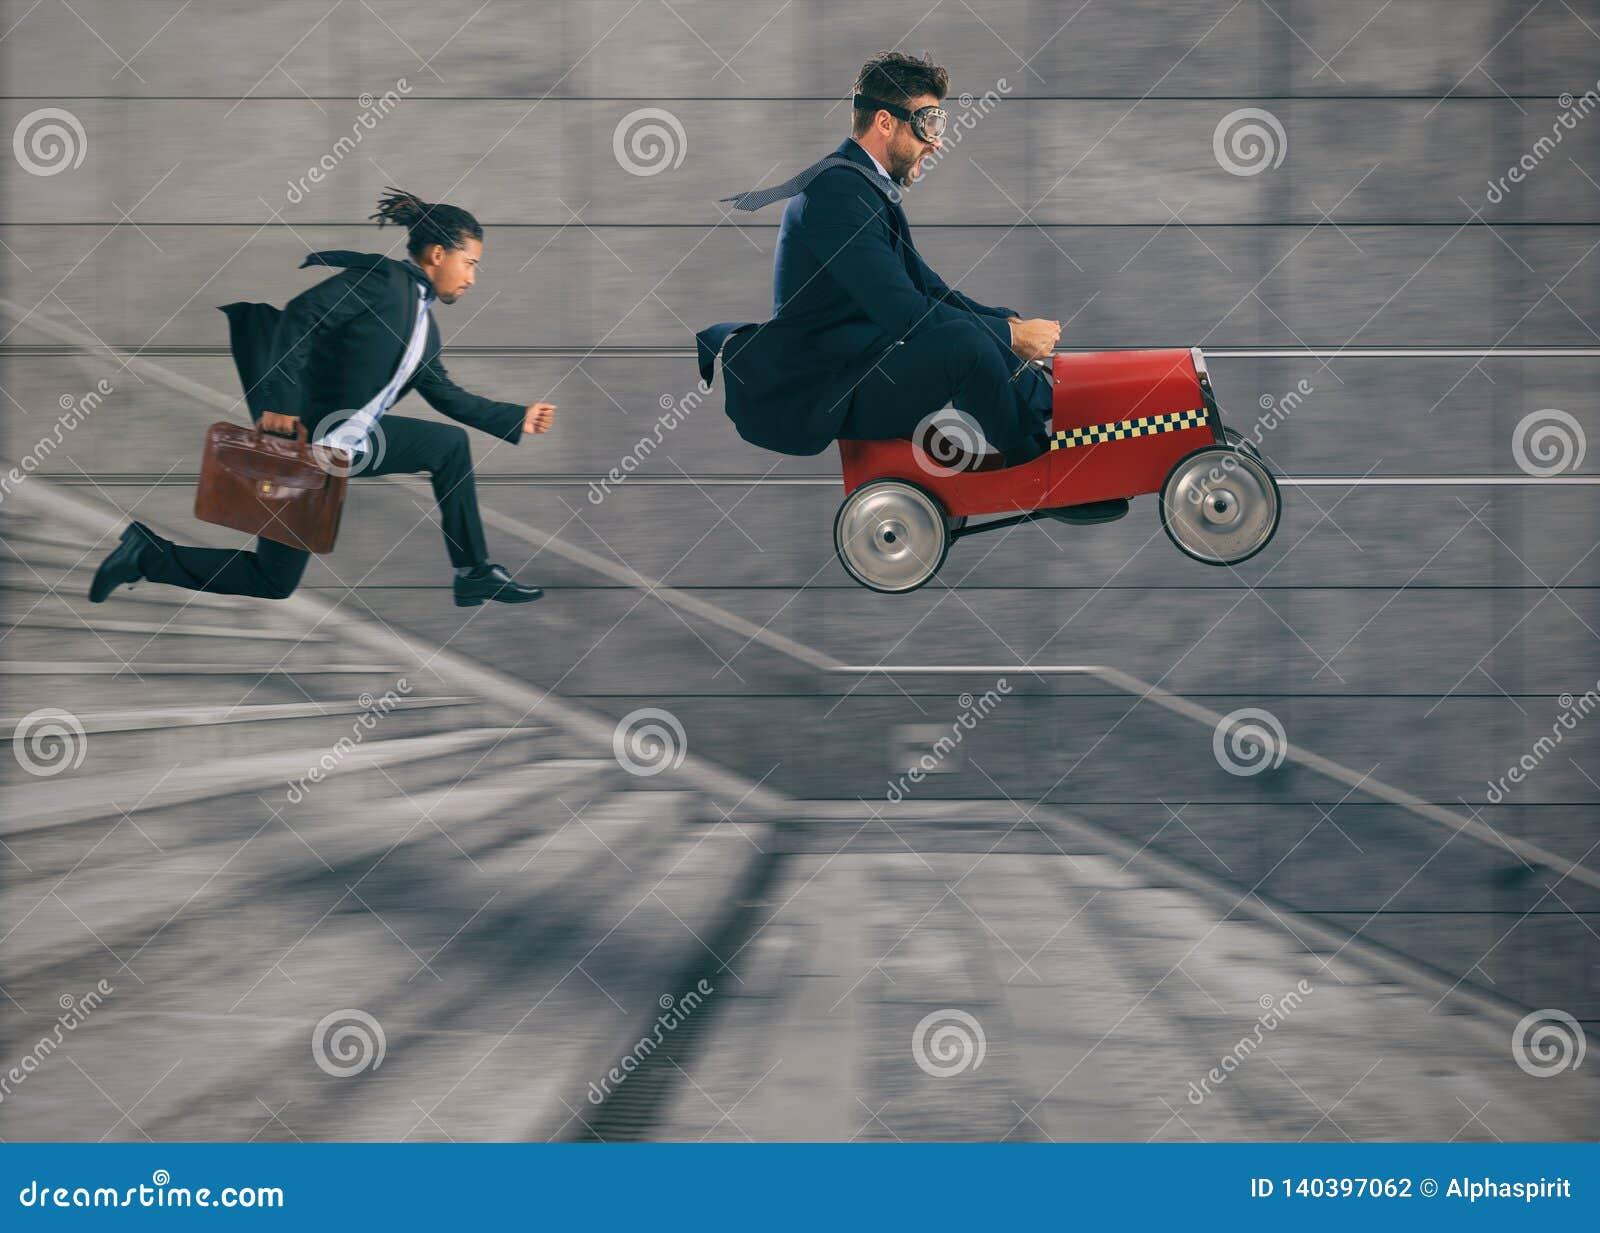 Roekeloze bedrijfsmensenrassen met een auto om de concurrentie tegen de concurrenten te winnen Concept succes en de concurrentie